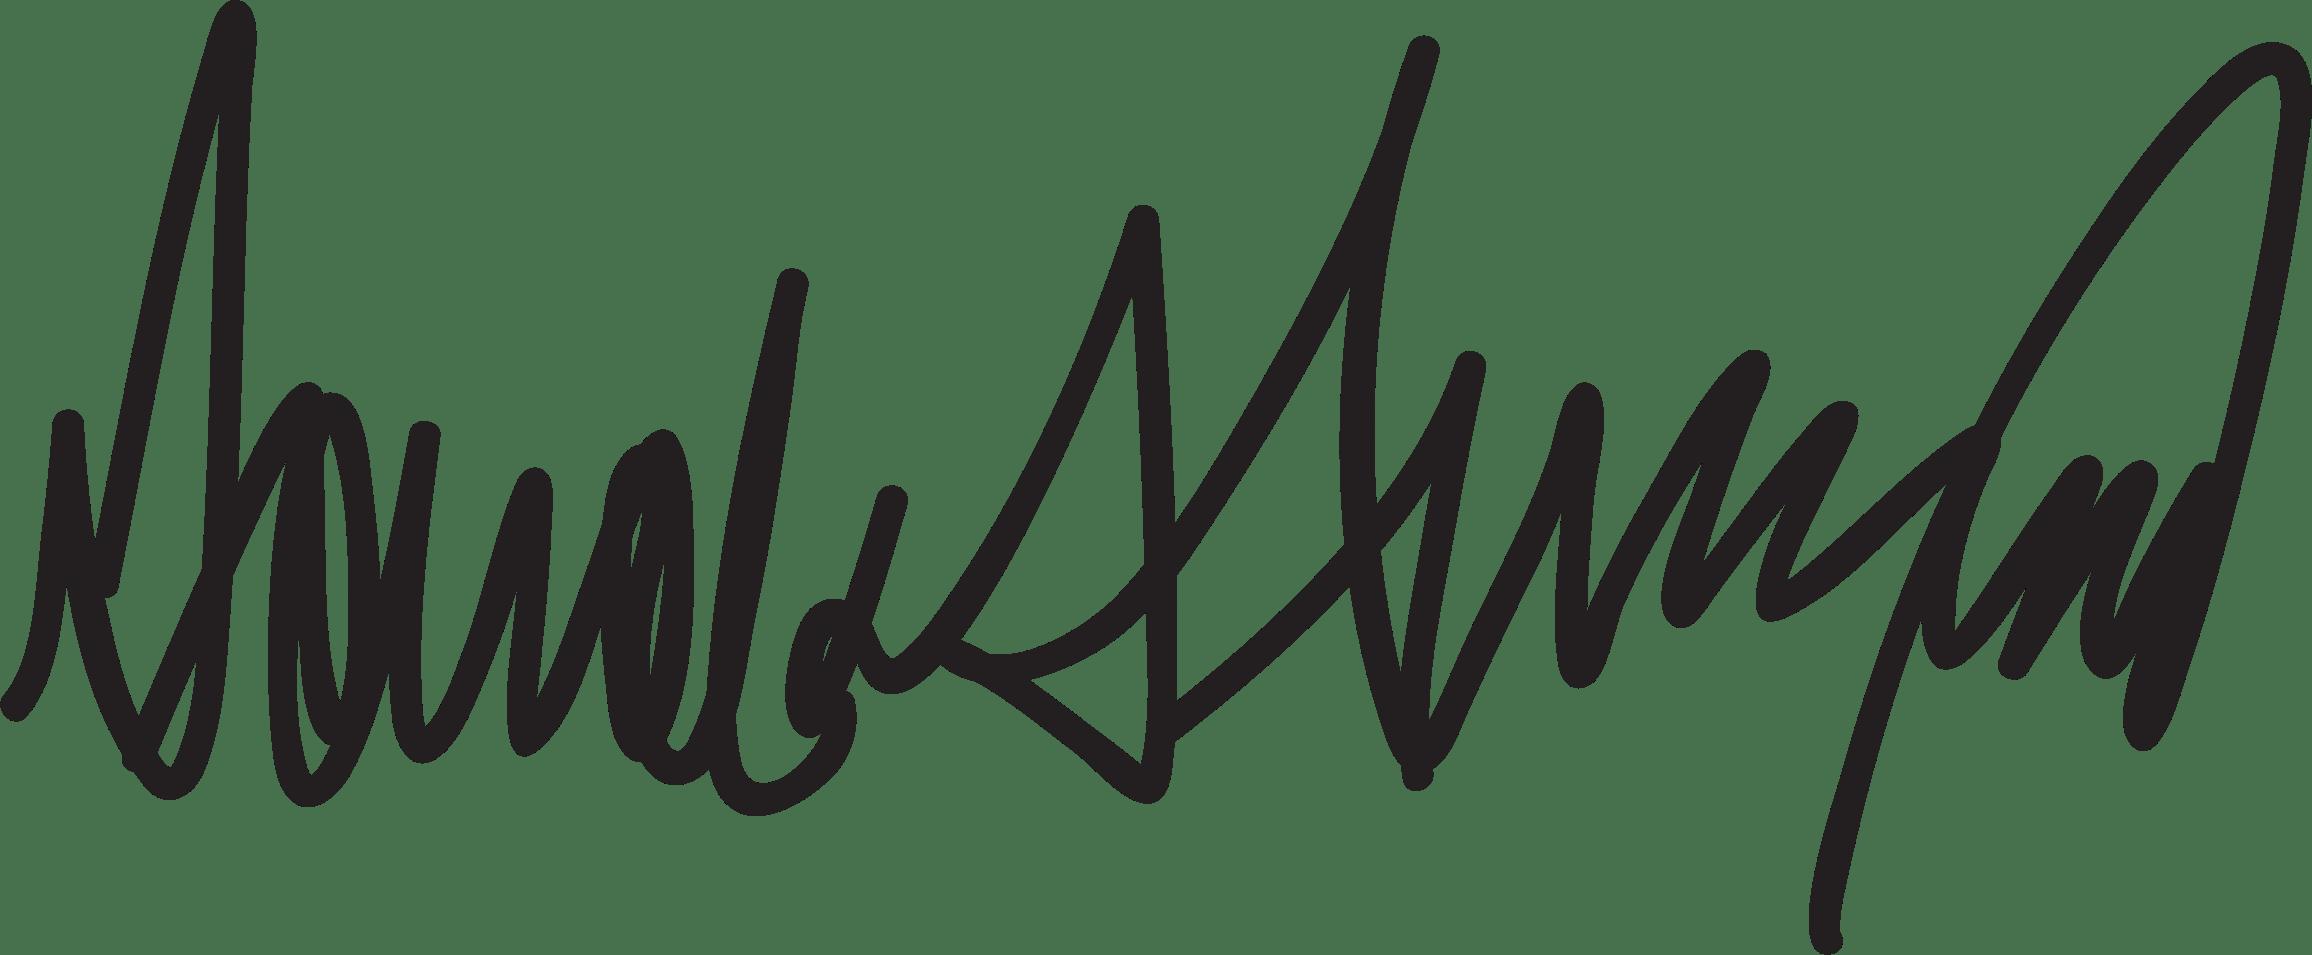 Donald Trump Signature Vector Clipart Image